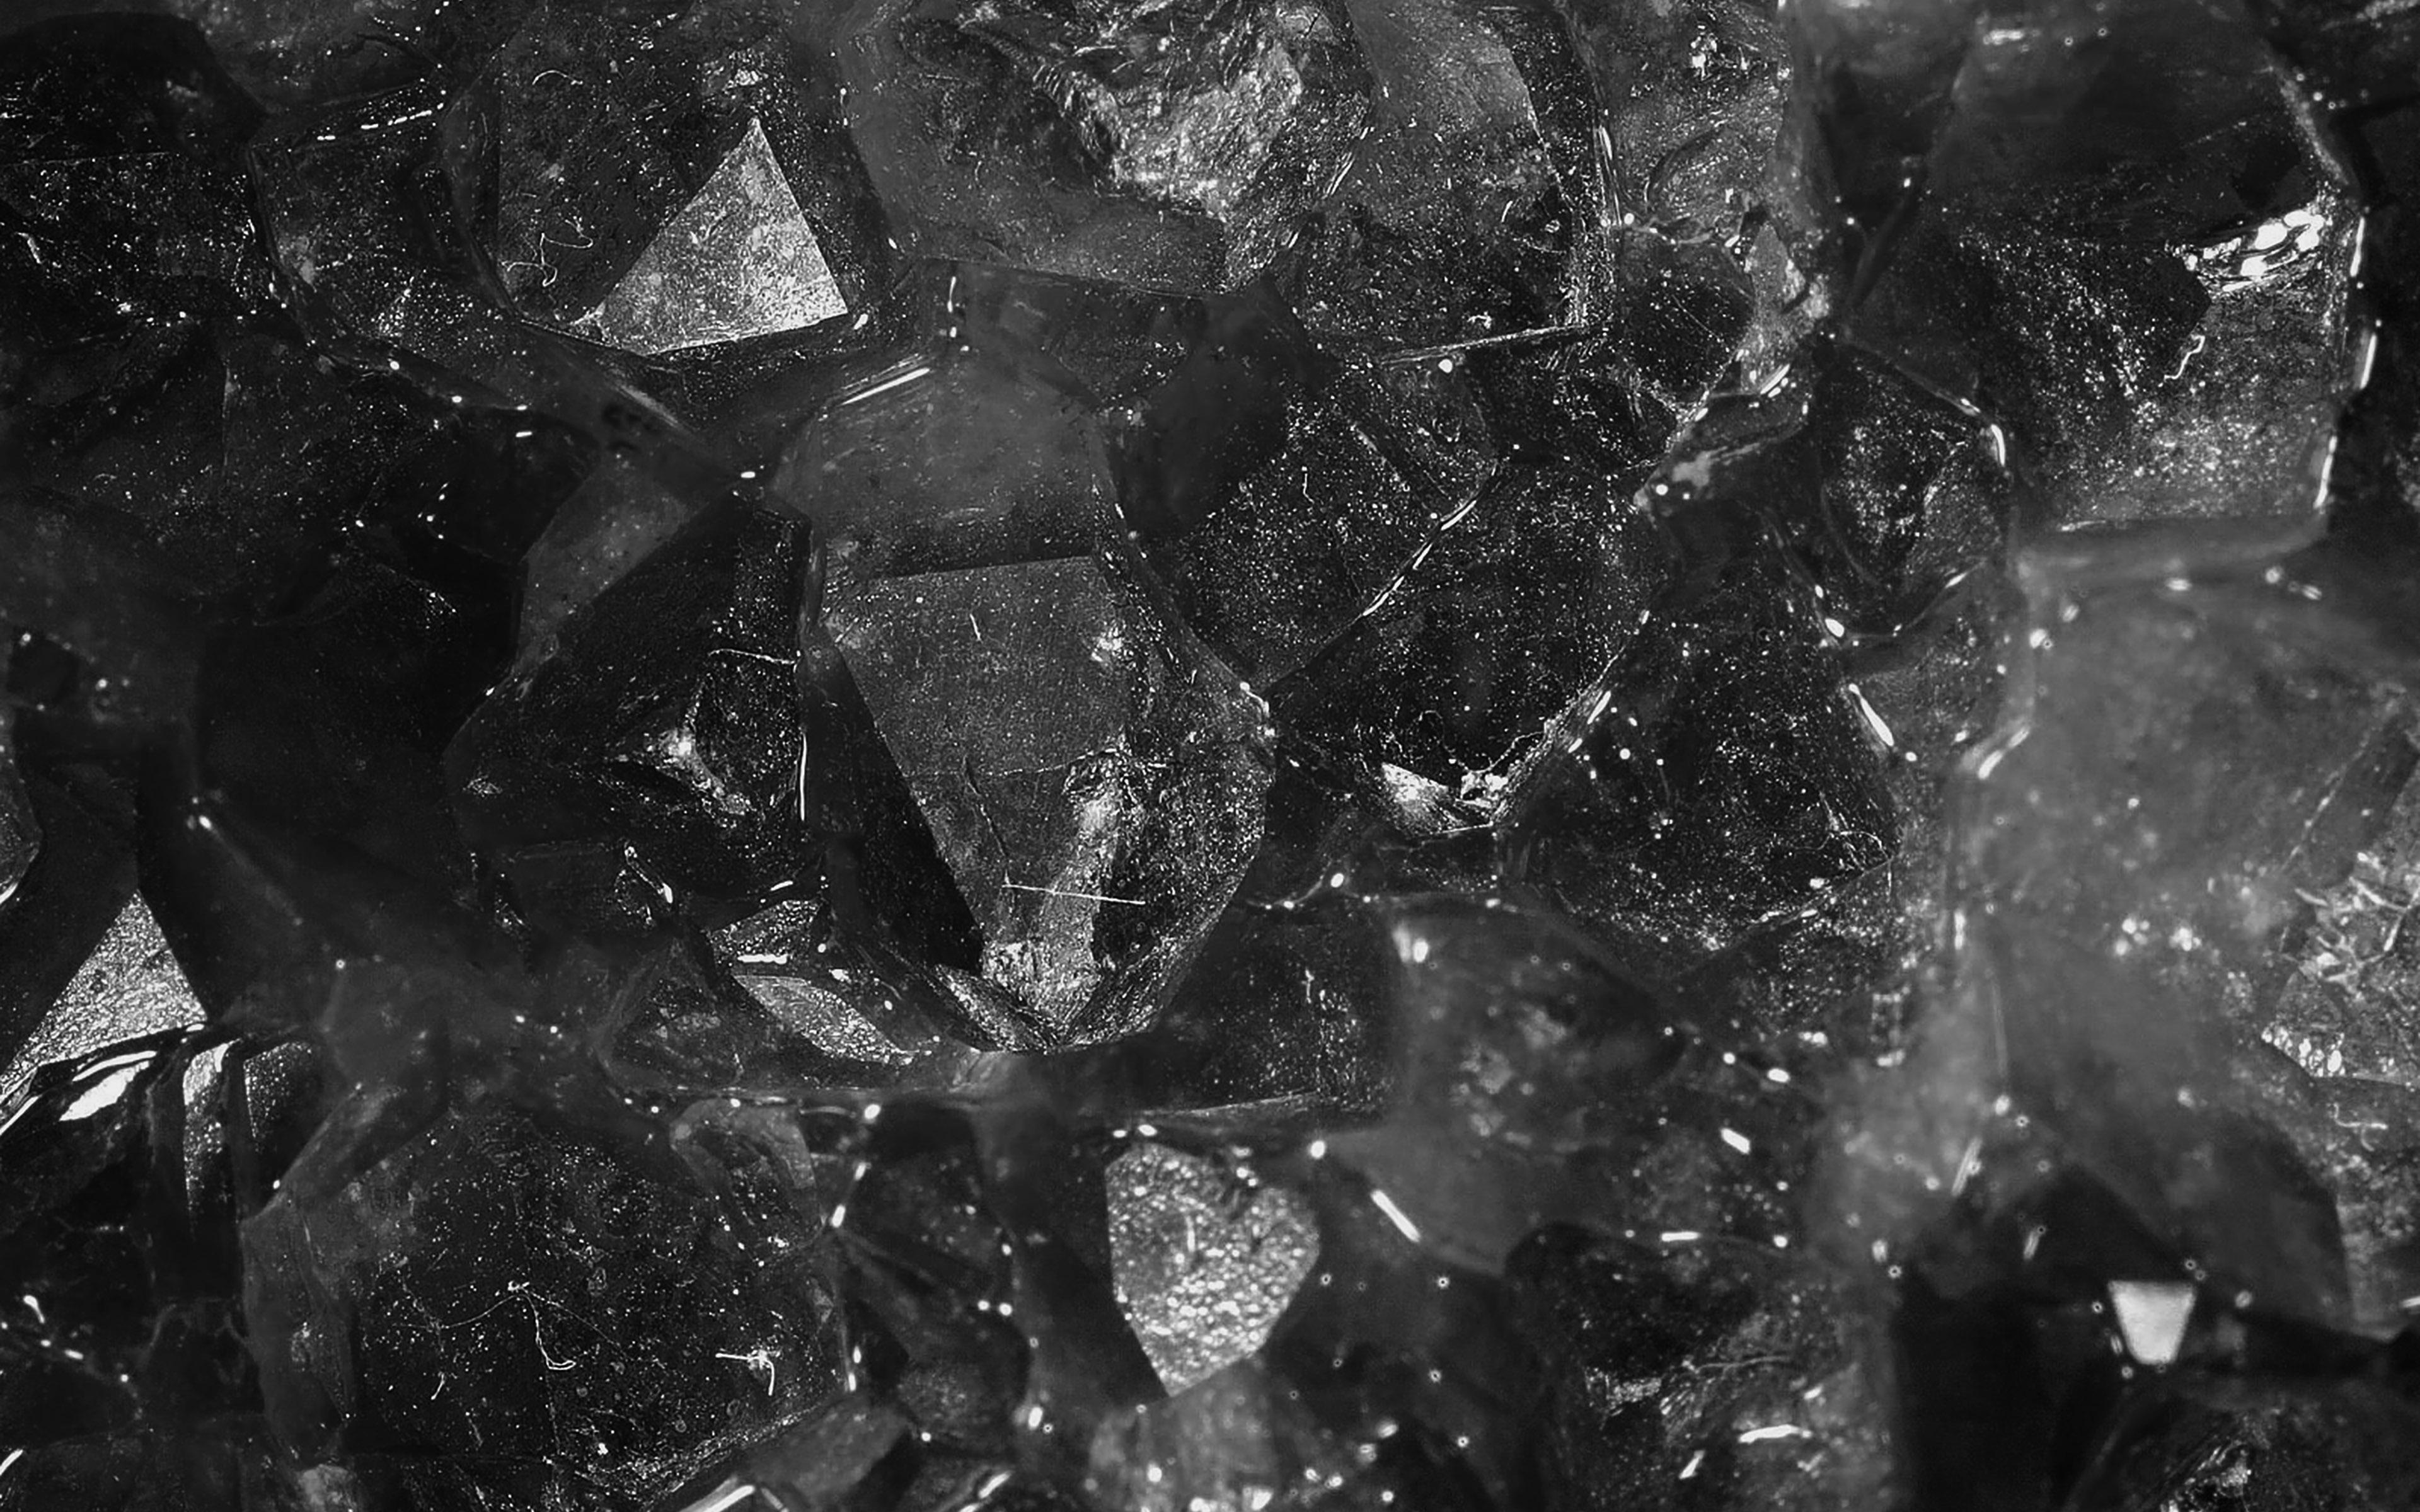 vf75-jewel-texture-dark-bw-pattern